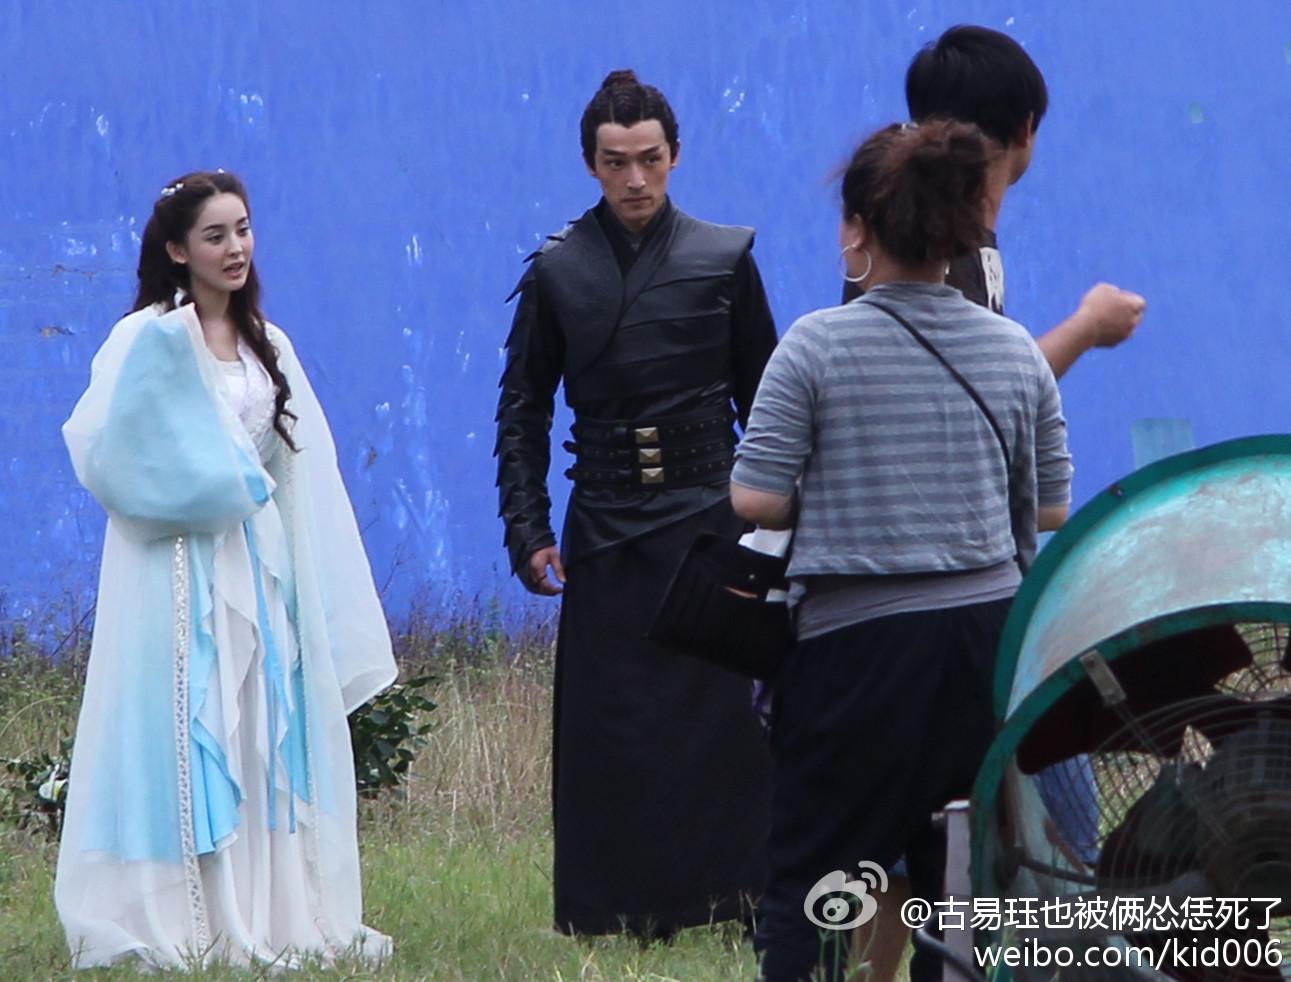 [Thông Tin Phim] Hiên Viên Kiếm - Thiên Chi Ngân - Hồ Ca[2012] 629e6fc8jw1dirp48fg7zj